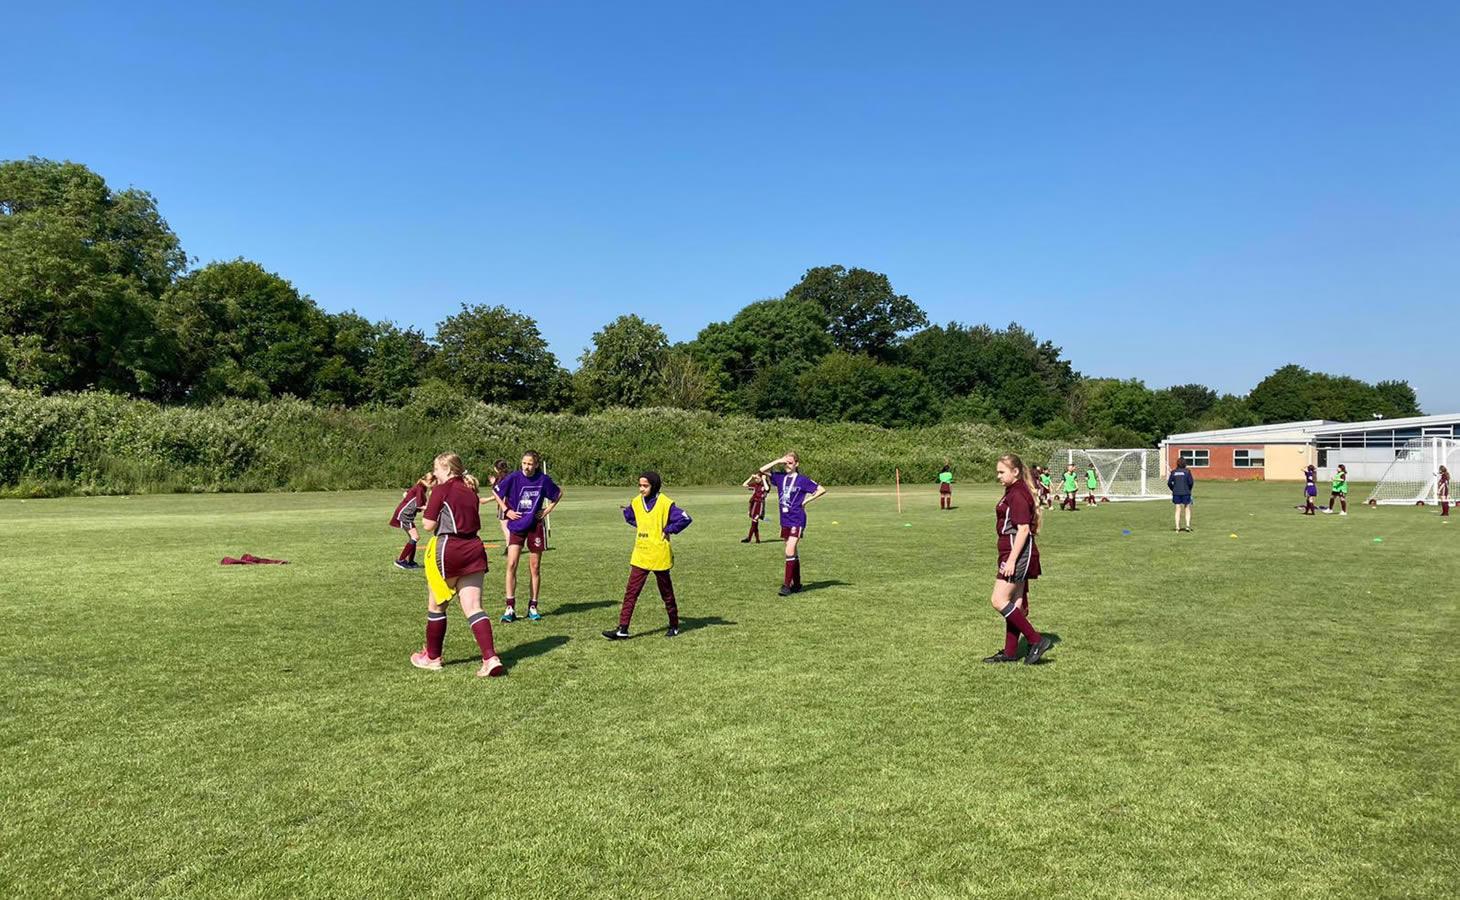 Football Activators event